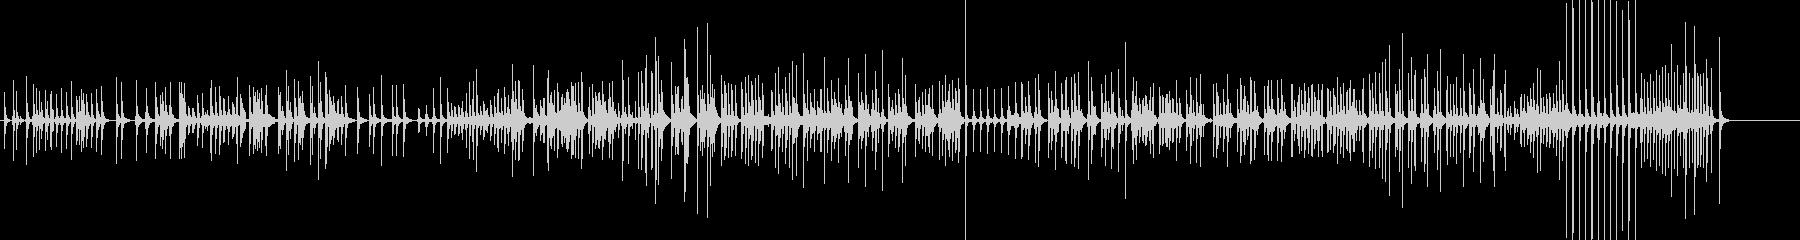 三味線37娘道成寺16日本式レビューショの未再生の波形